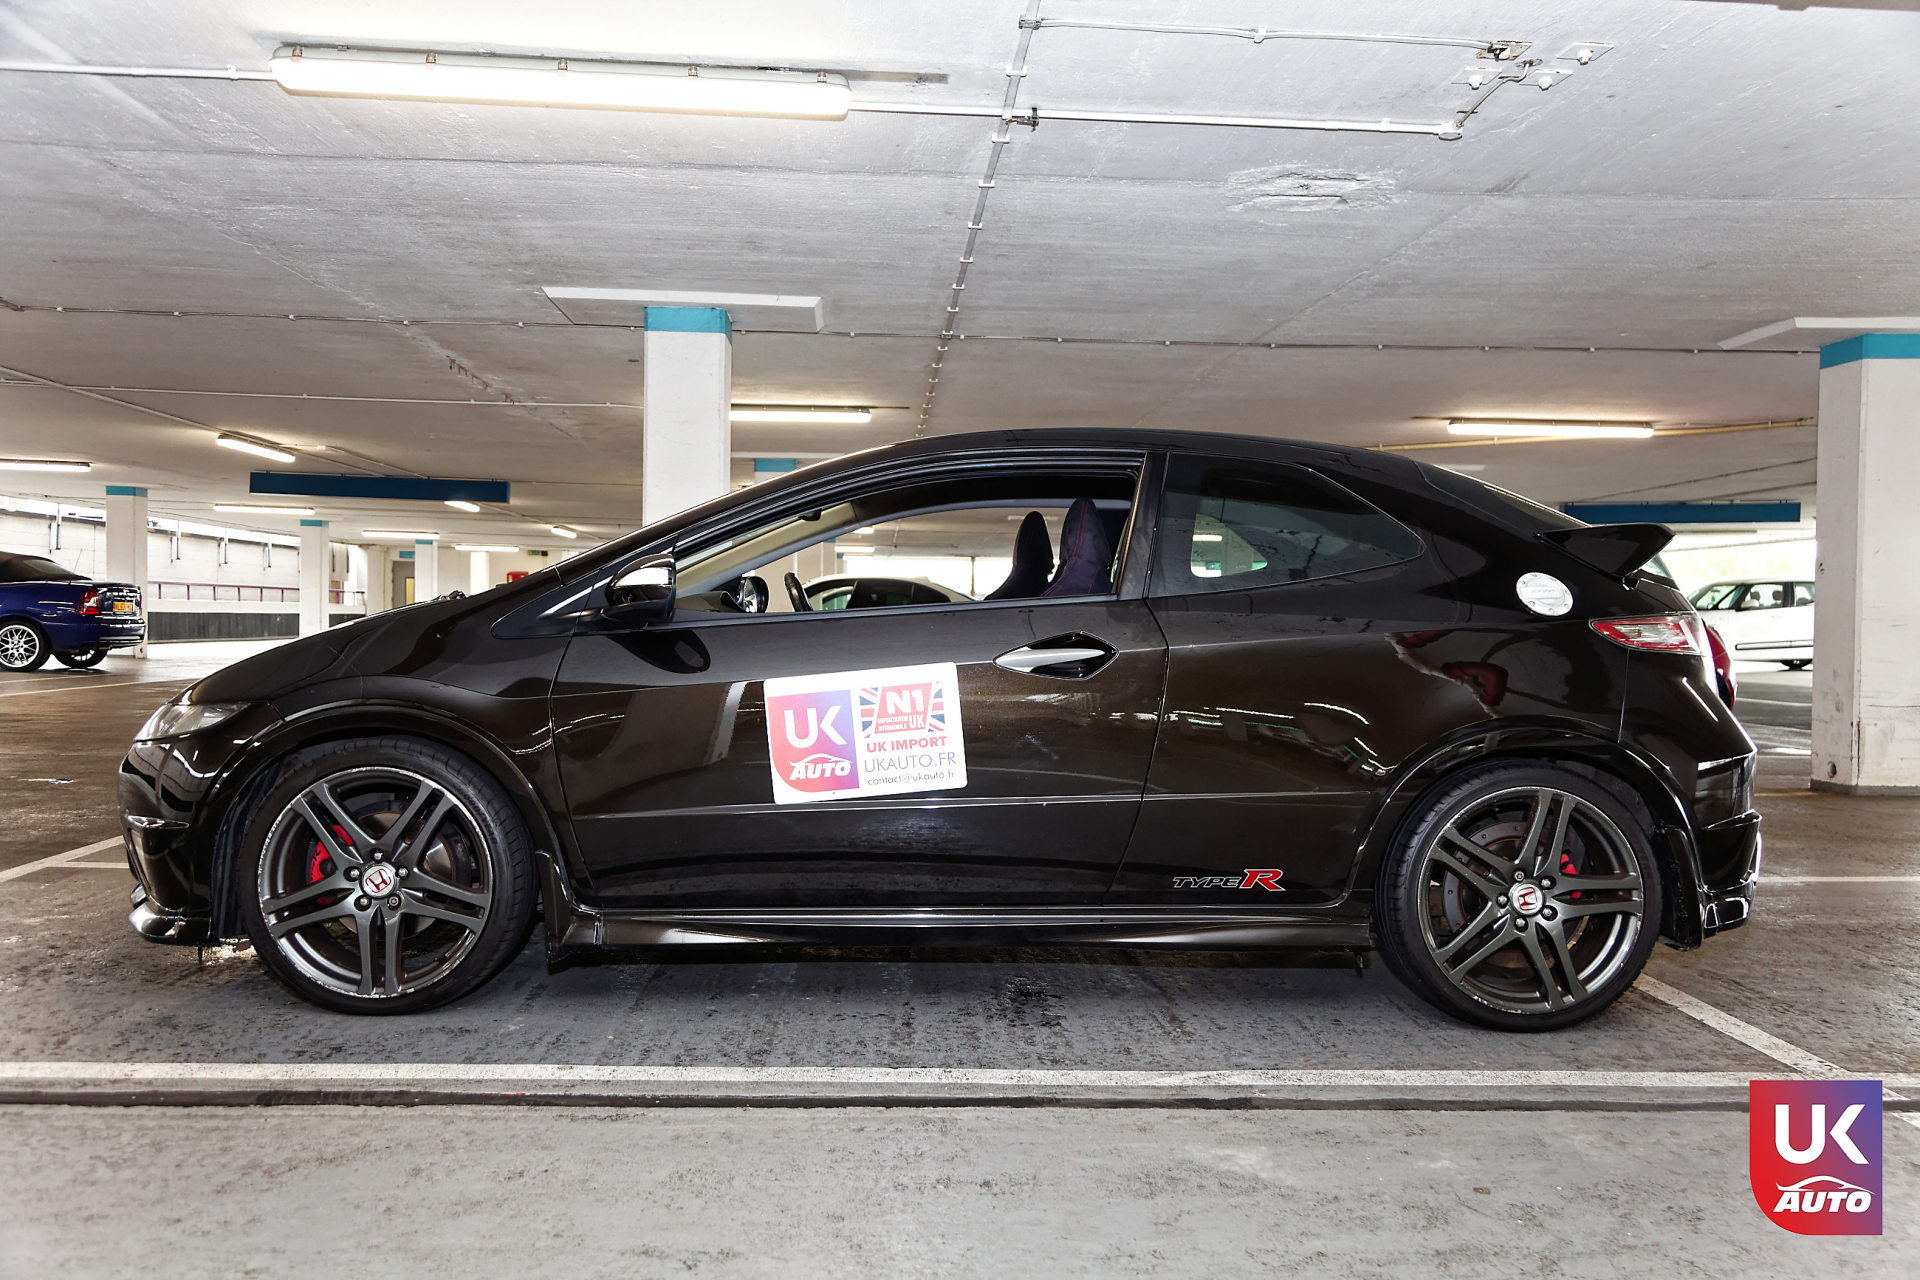 Honda Civic Type R FN2 rhd pack gt nissan uk nissan angleterre nissan royaume uni ukauto9 DxO - ACHAT AUTO HONDA CIVIC TYPE R FN2 POUR FREDERIC ACHAT AVANT LE BREXIT PAR NOTRE CLIENT